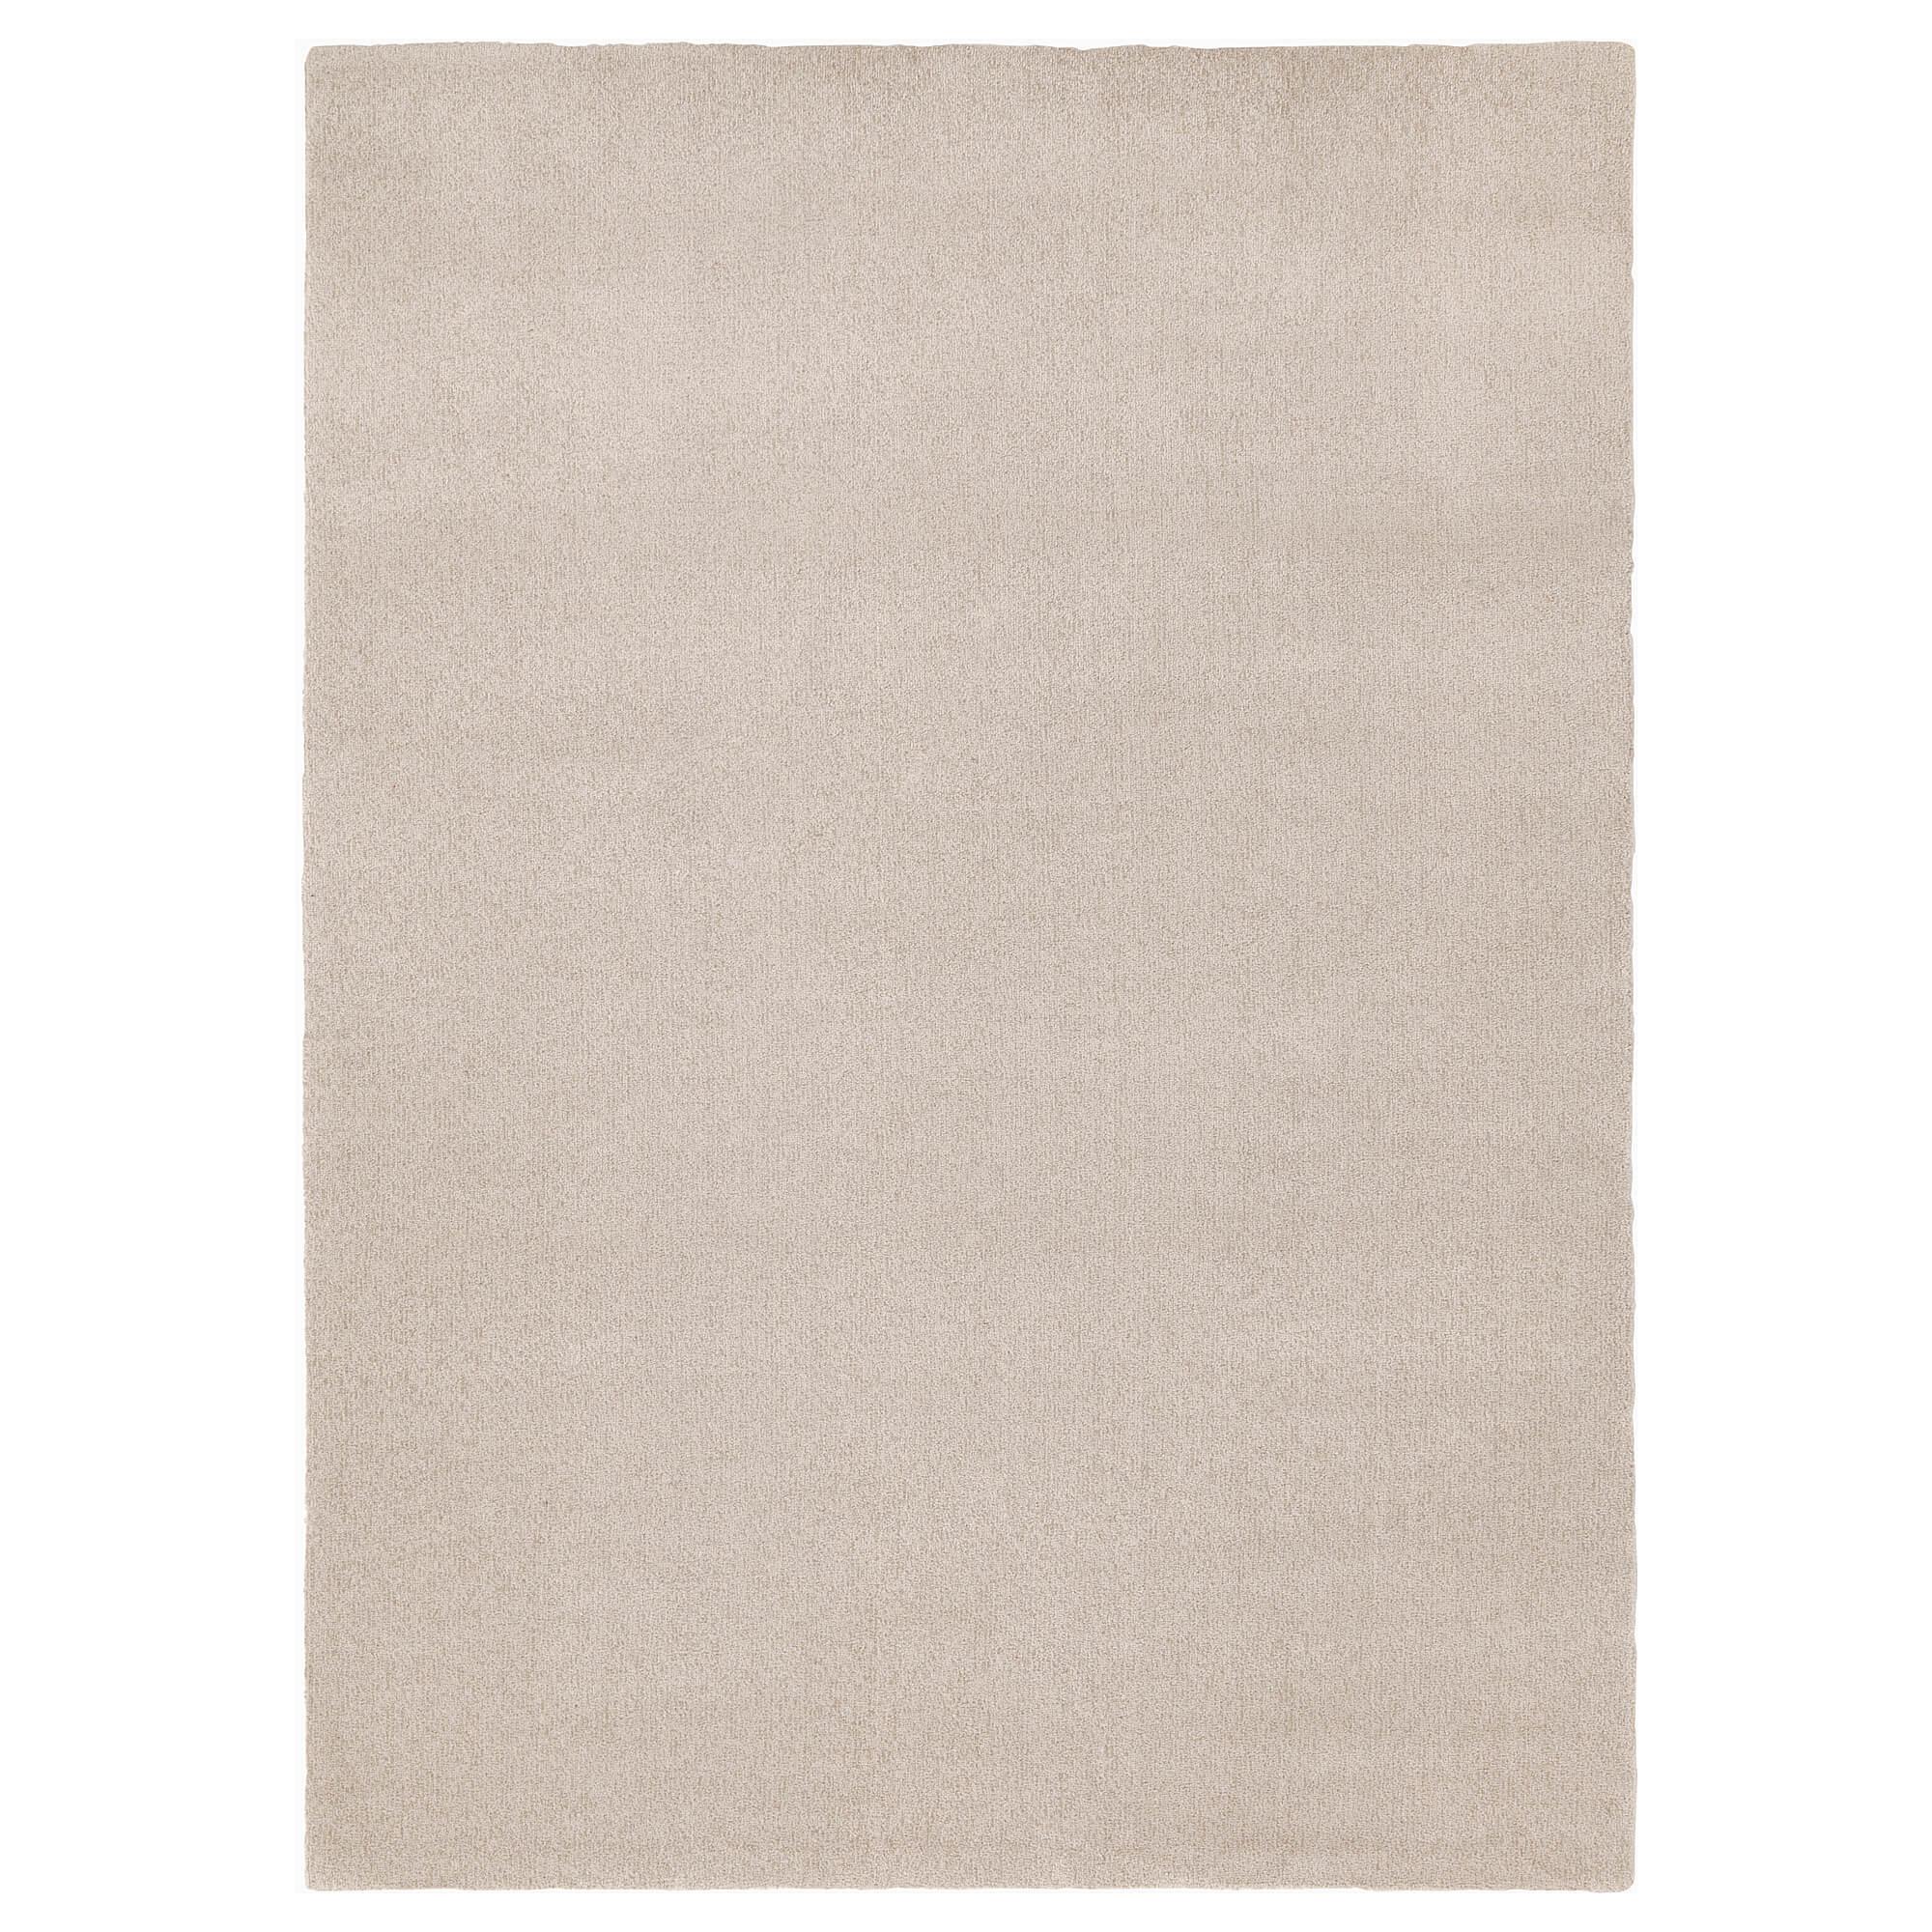 שטיח סיבים קצרים איקאה TYVELSE